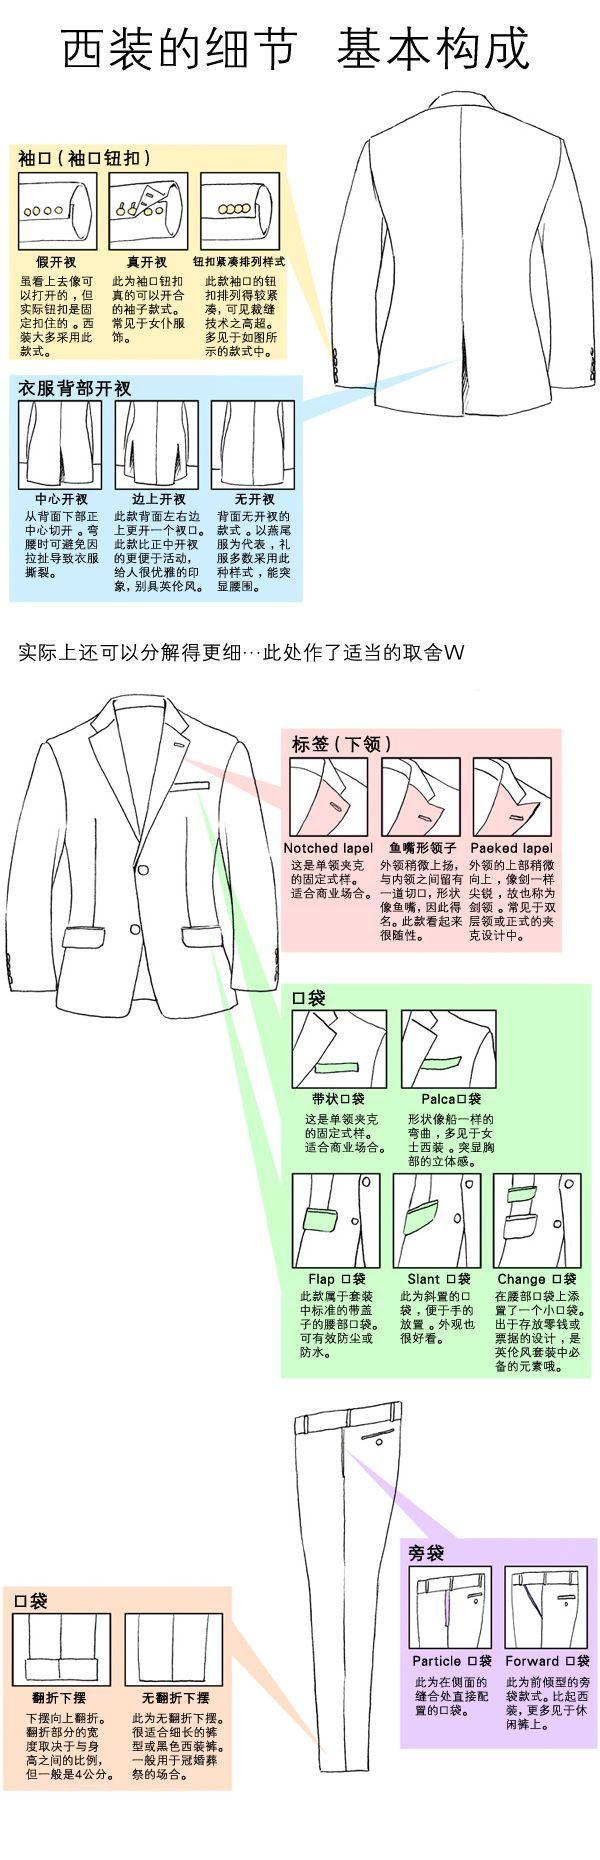 【推荐】男性西装与鞋子的画法—轻微课漫画学习区